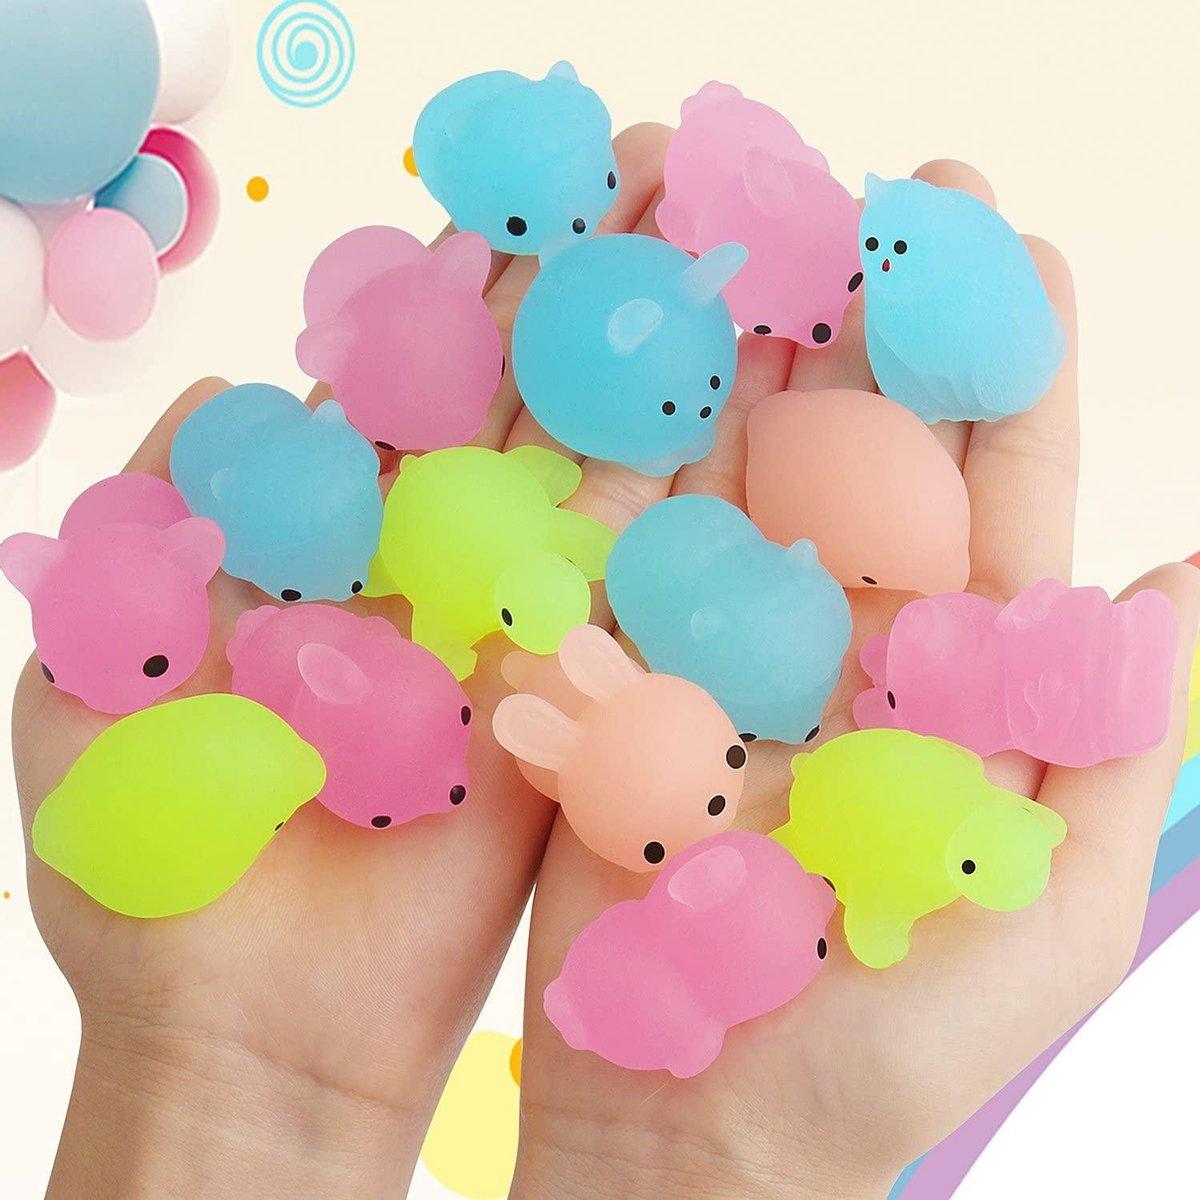 Mochi Squishy - 10x stuks - Squeeze  - Fidget Toy - Pop It - Simple Dimple - Lichtgevend - Soft anim